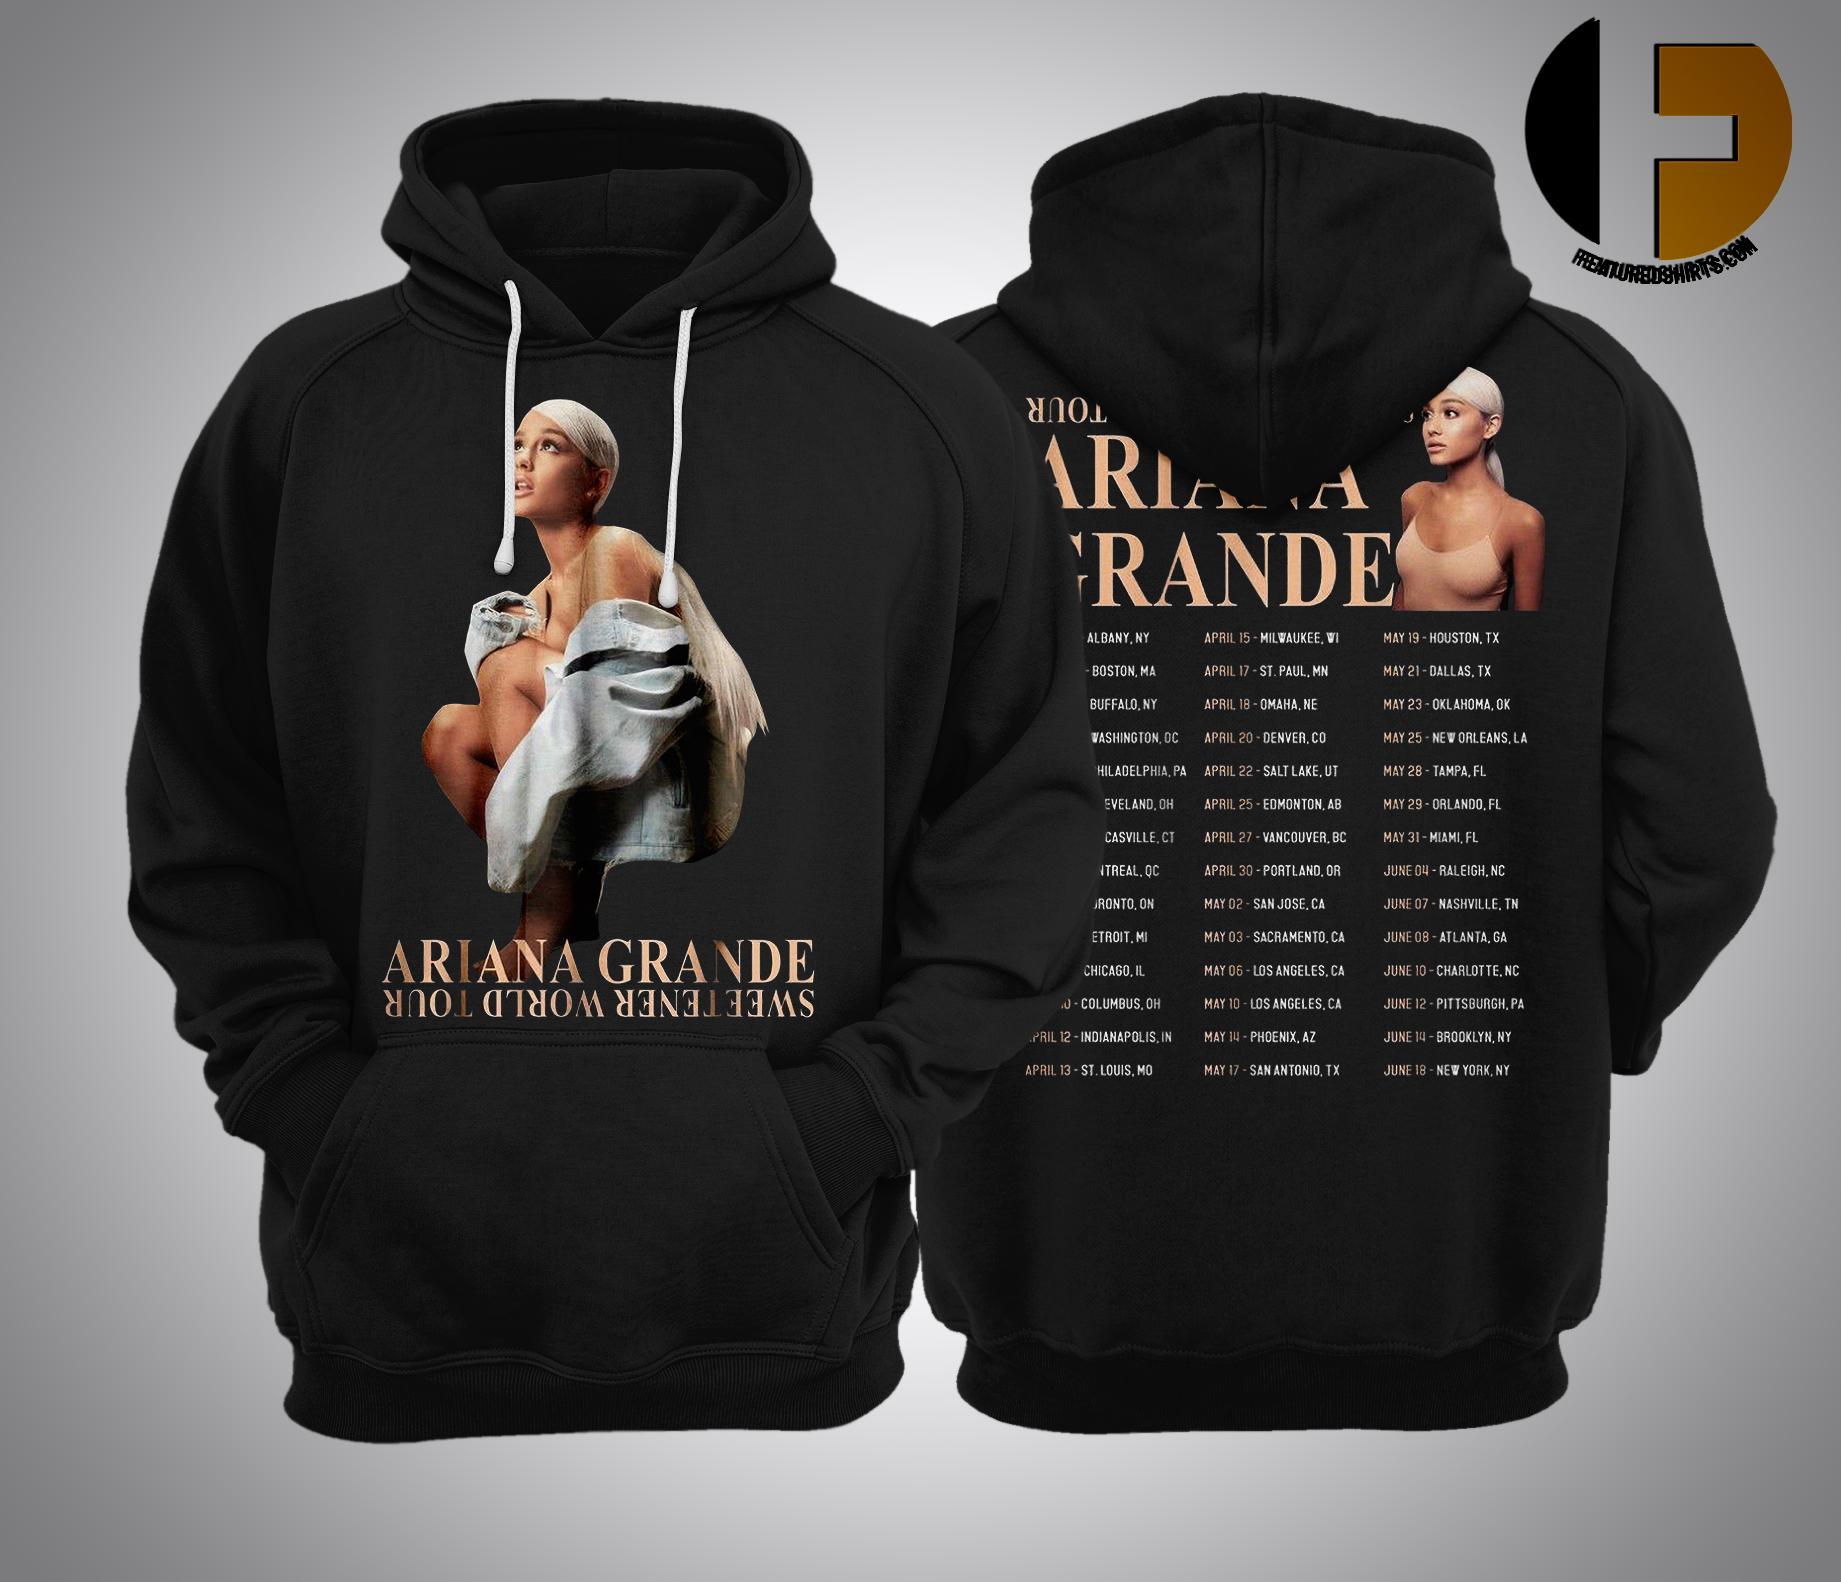 Ariana Grande Sweetener World Tour 2019 Hoodie